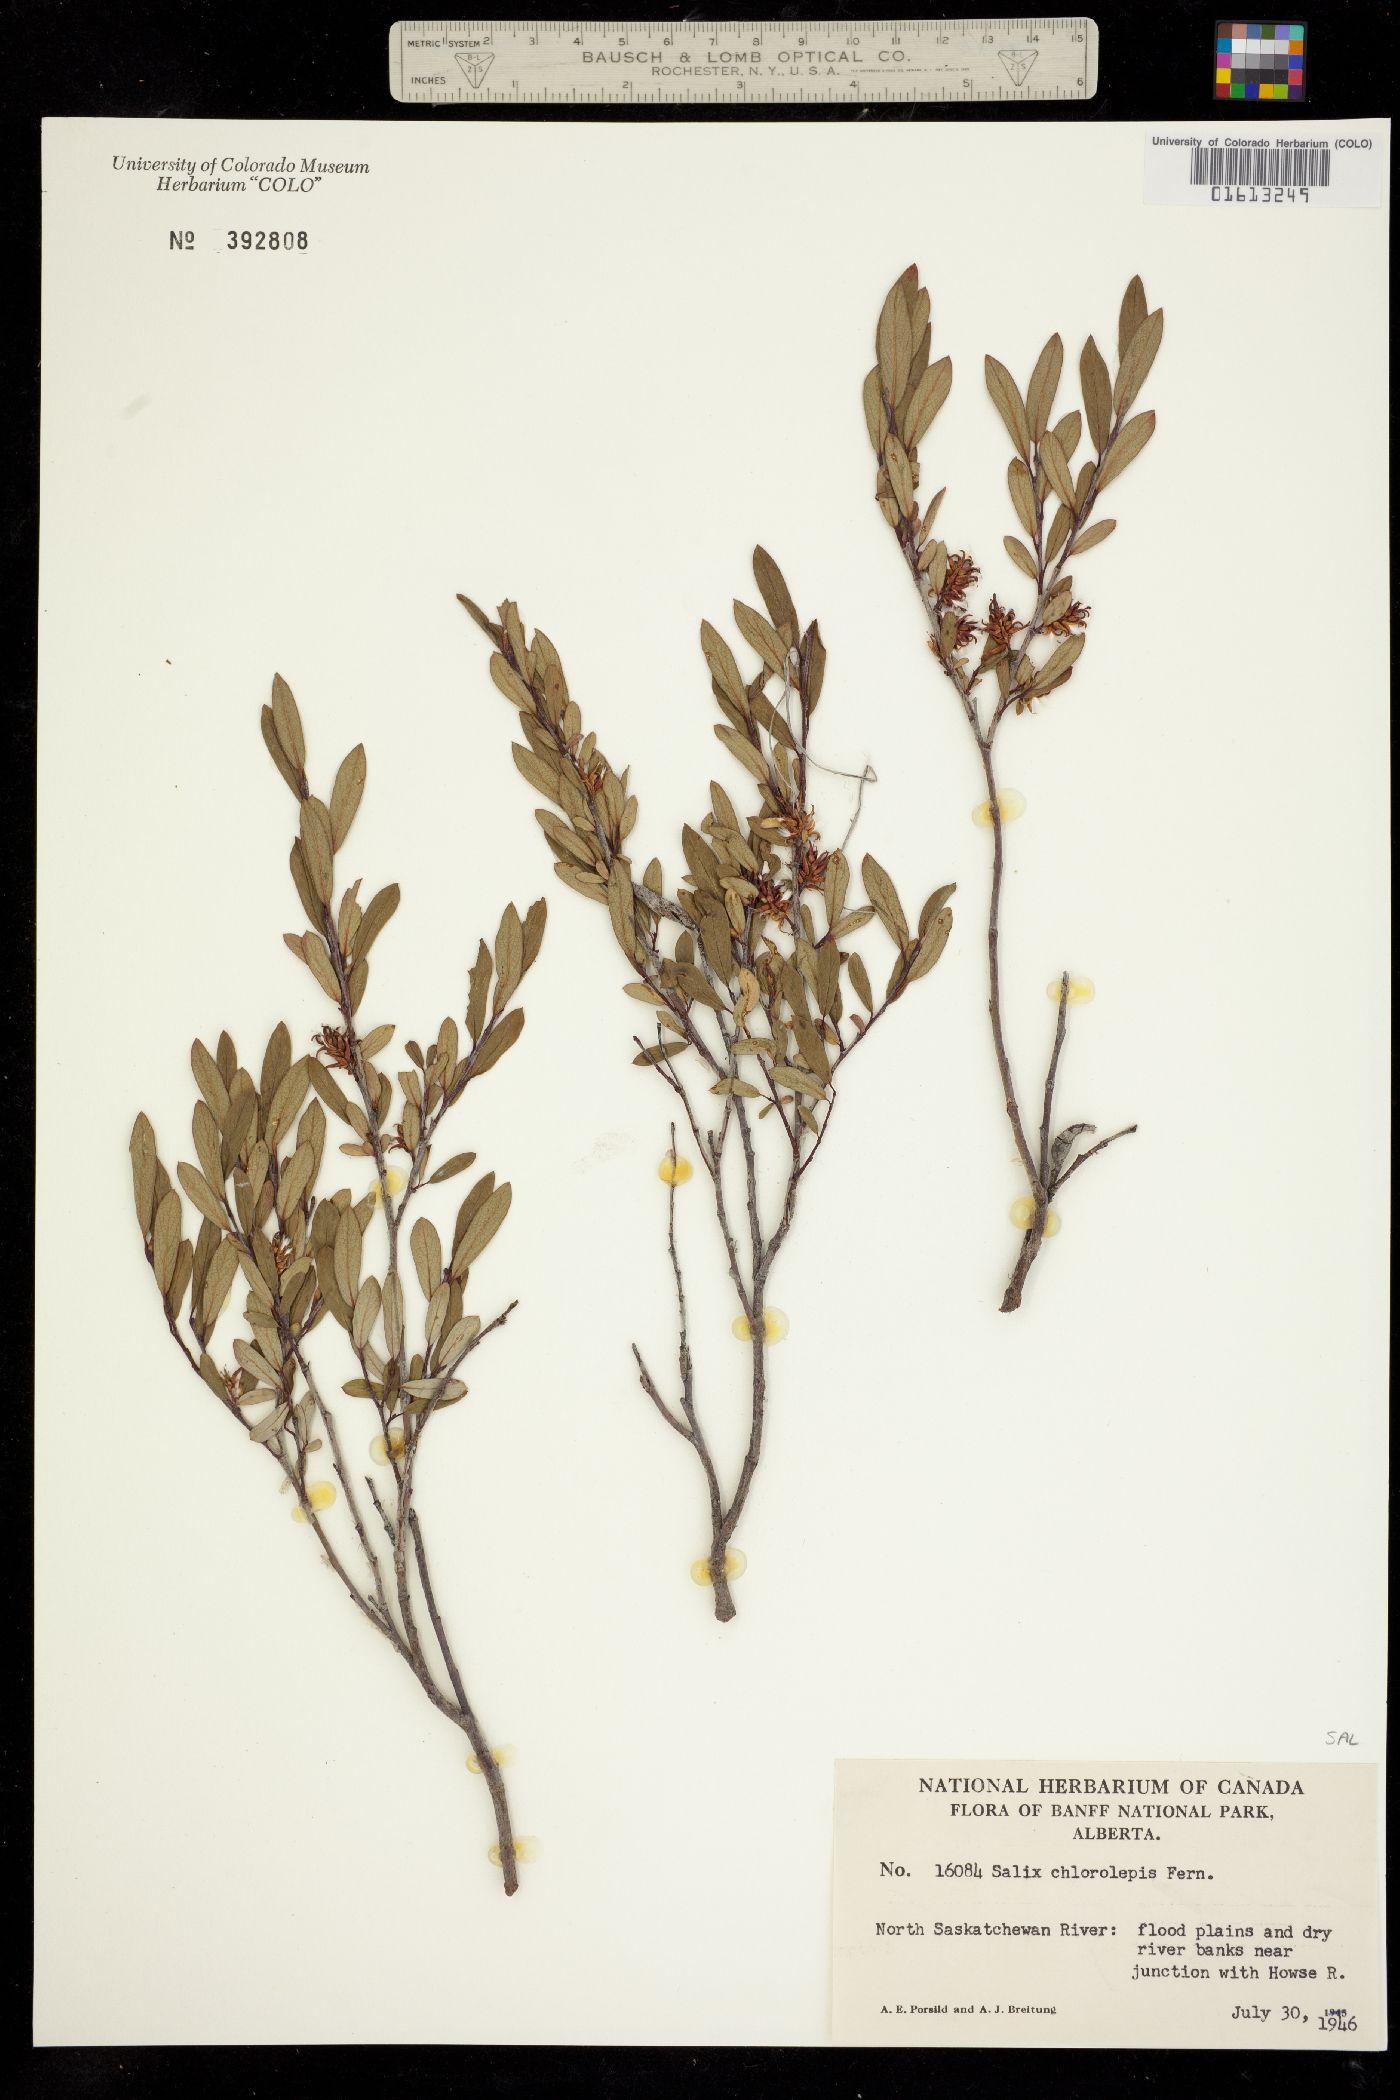 Salix chlorolepis image